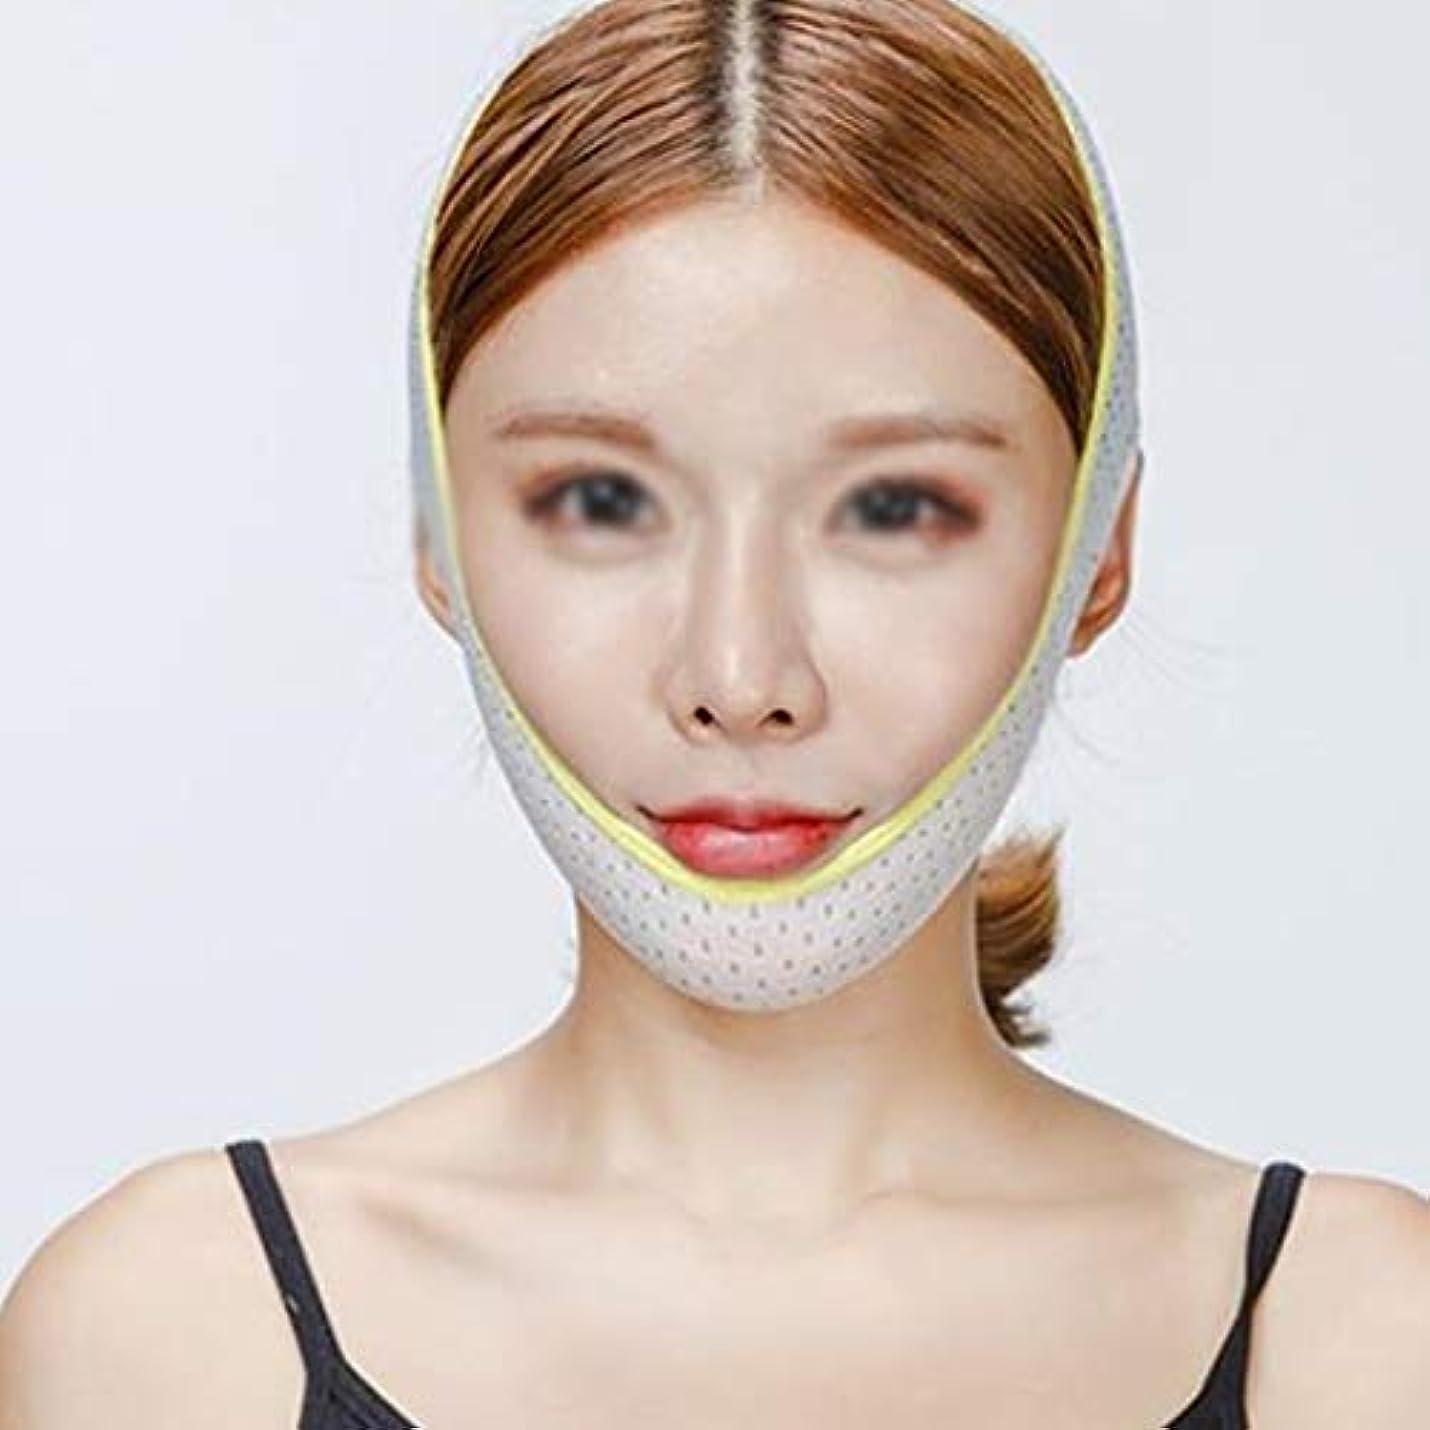 高原特派員祭りZWBD フェイスマスク, Vフェイスアーティファクトフェイスリフトステッカー本物のフェイスリフト韓国フェイスフェイシャルリフティングファーミングインストゥルメントフェイシャルリフティング睡眠包帯